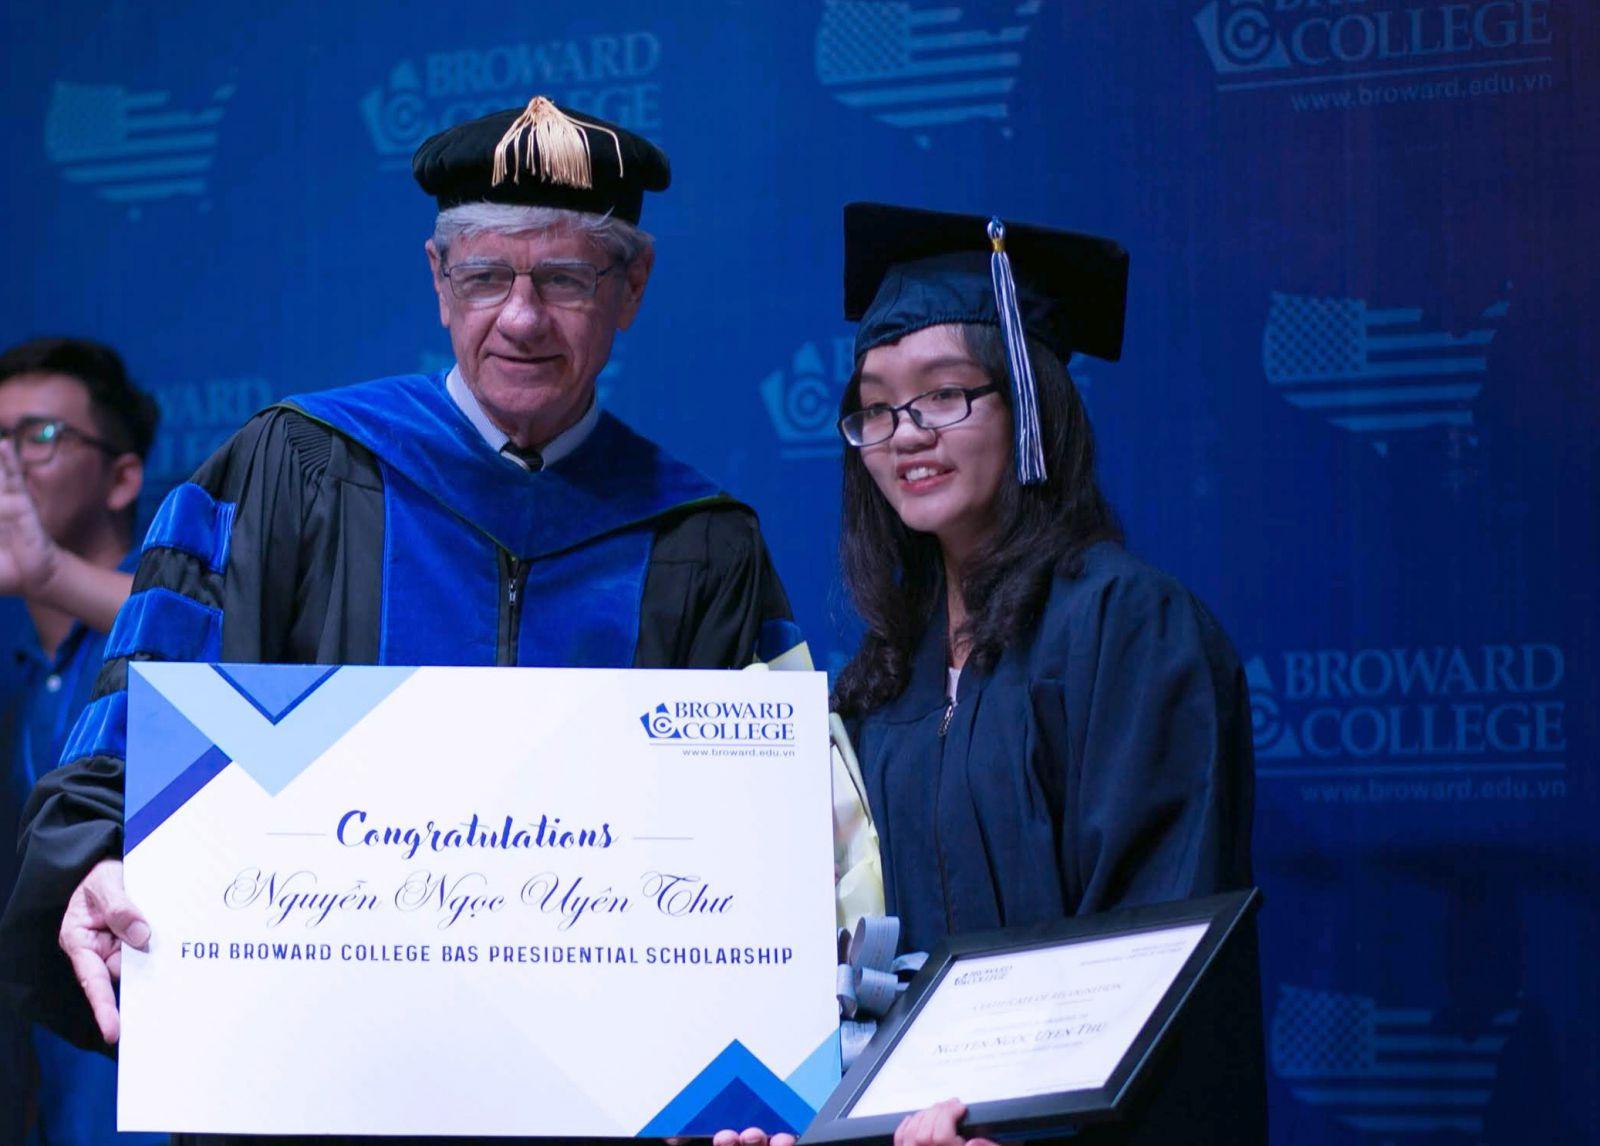 Sinh viên Nguyễn Ngọc Uyên Thư